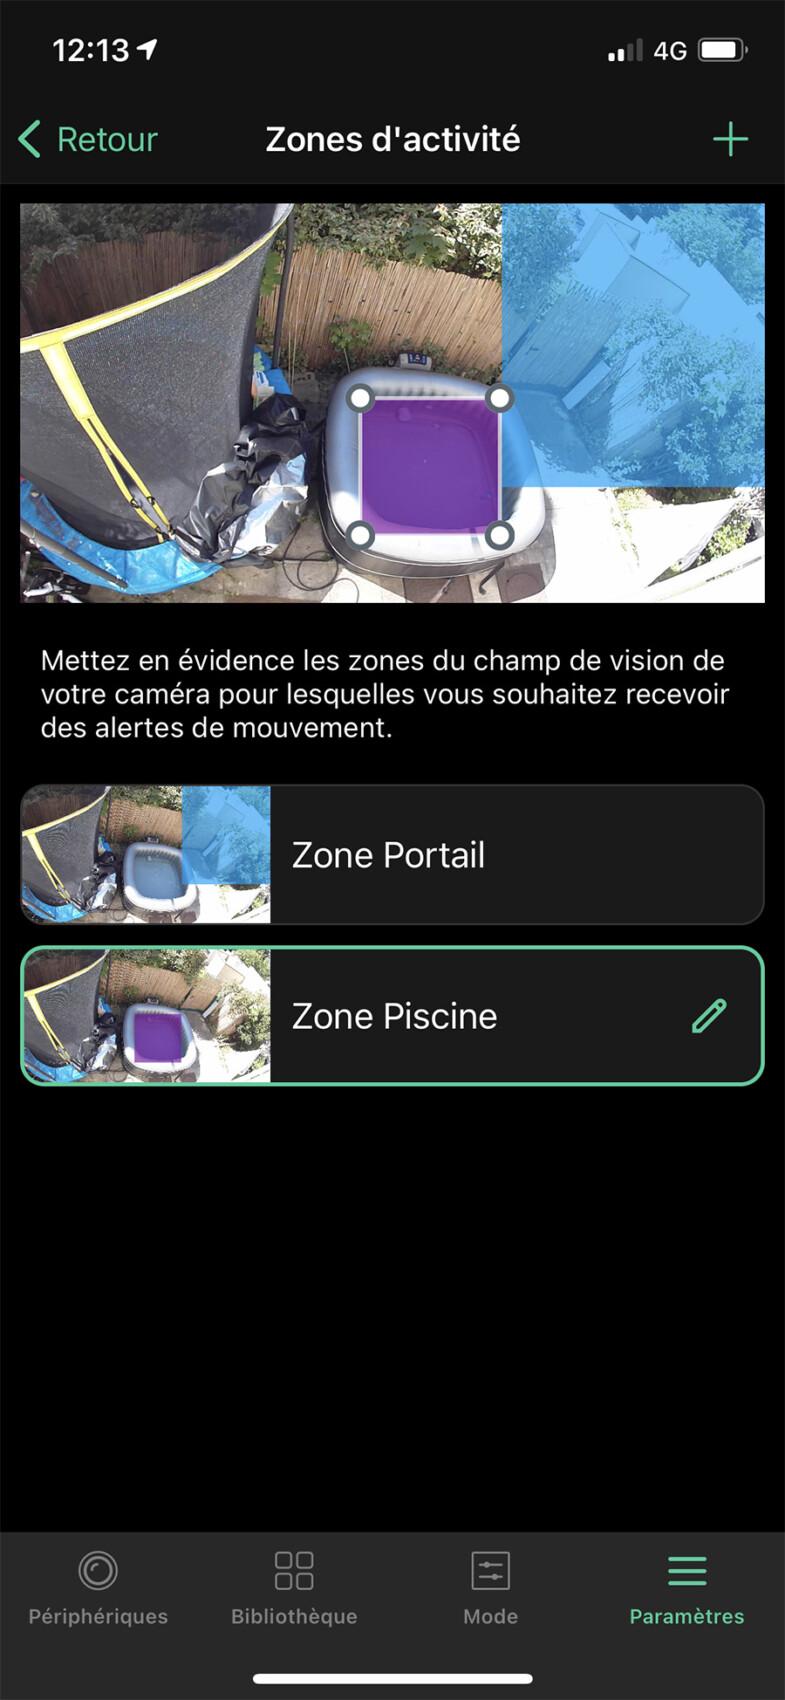 L'app peut définir des zones d'activité